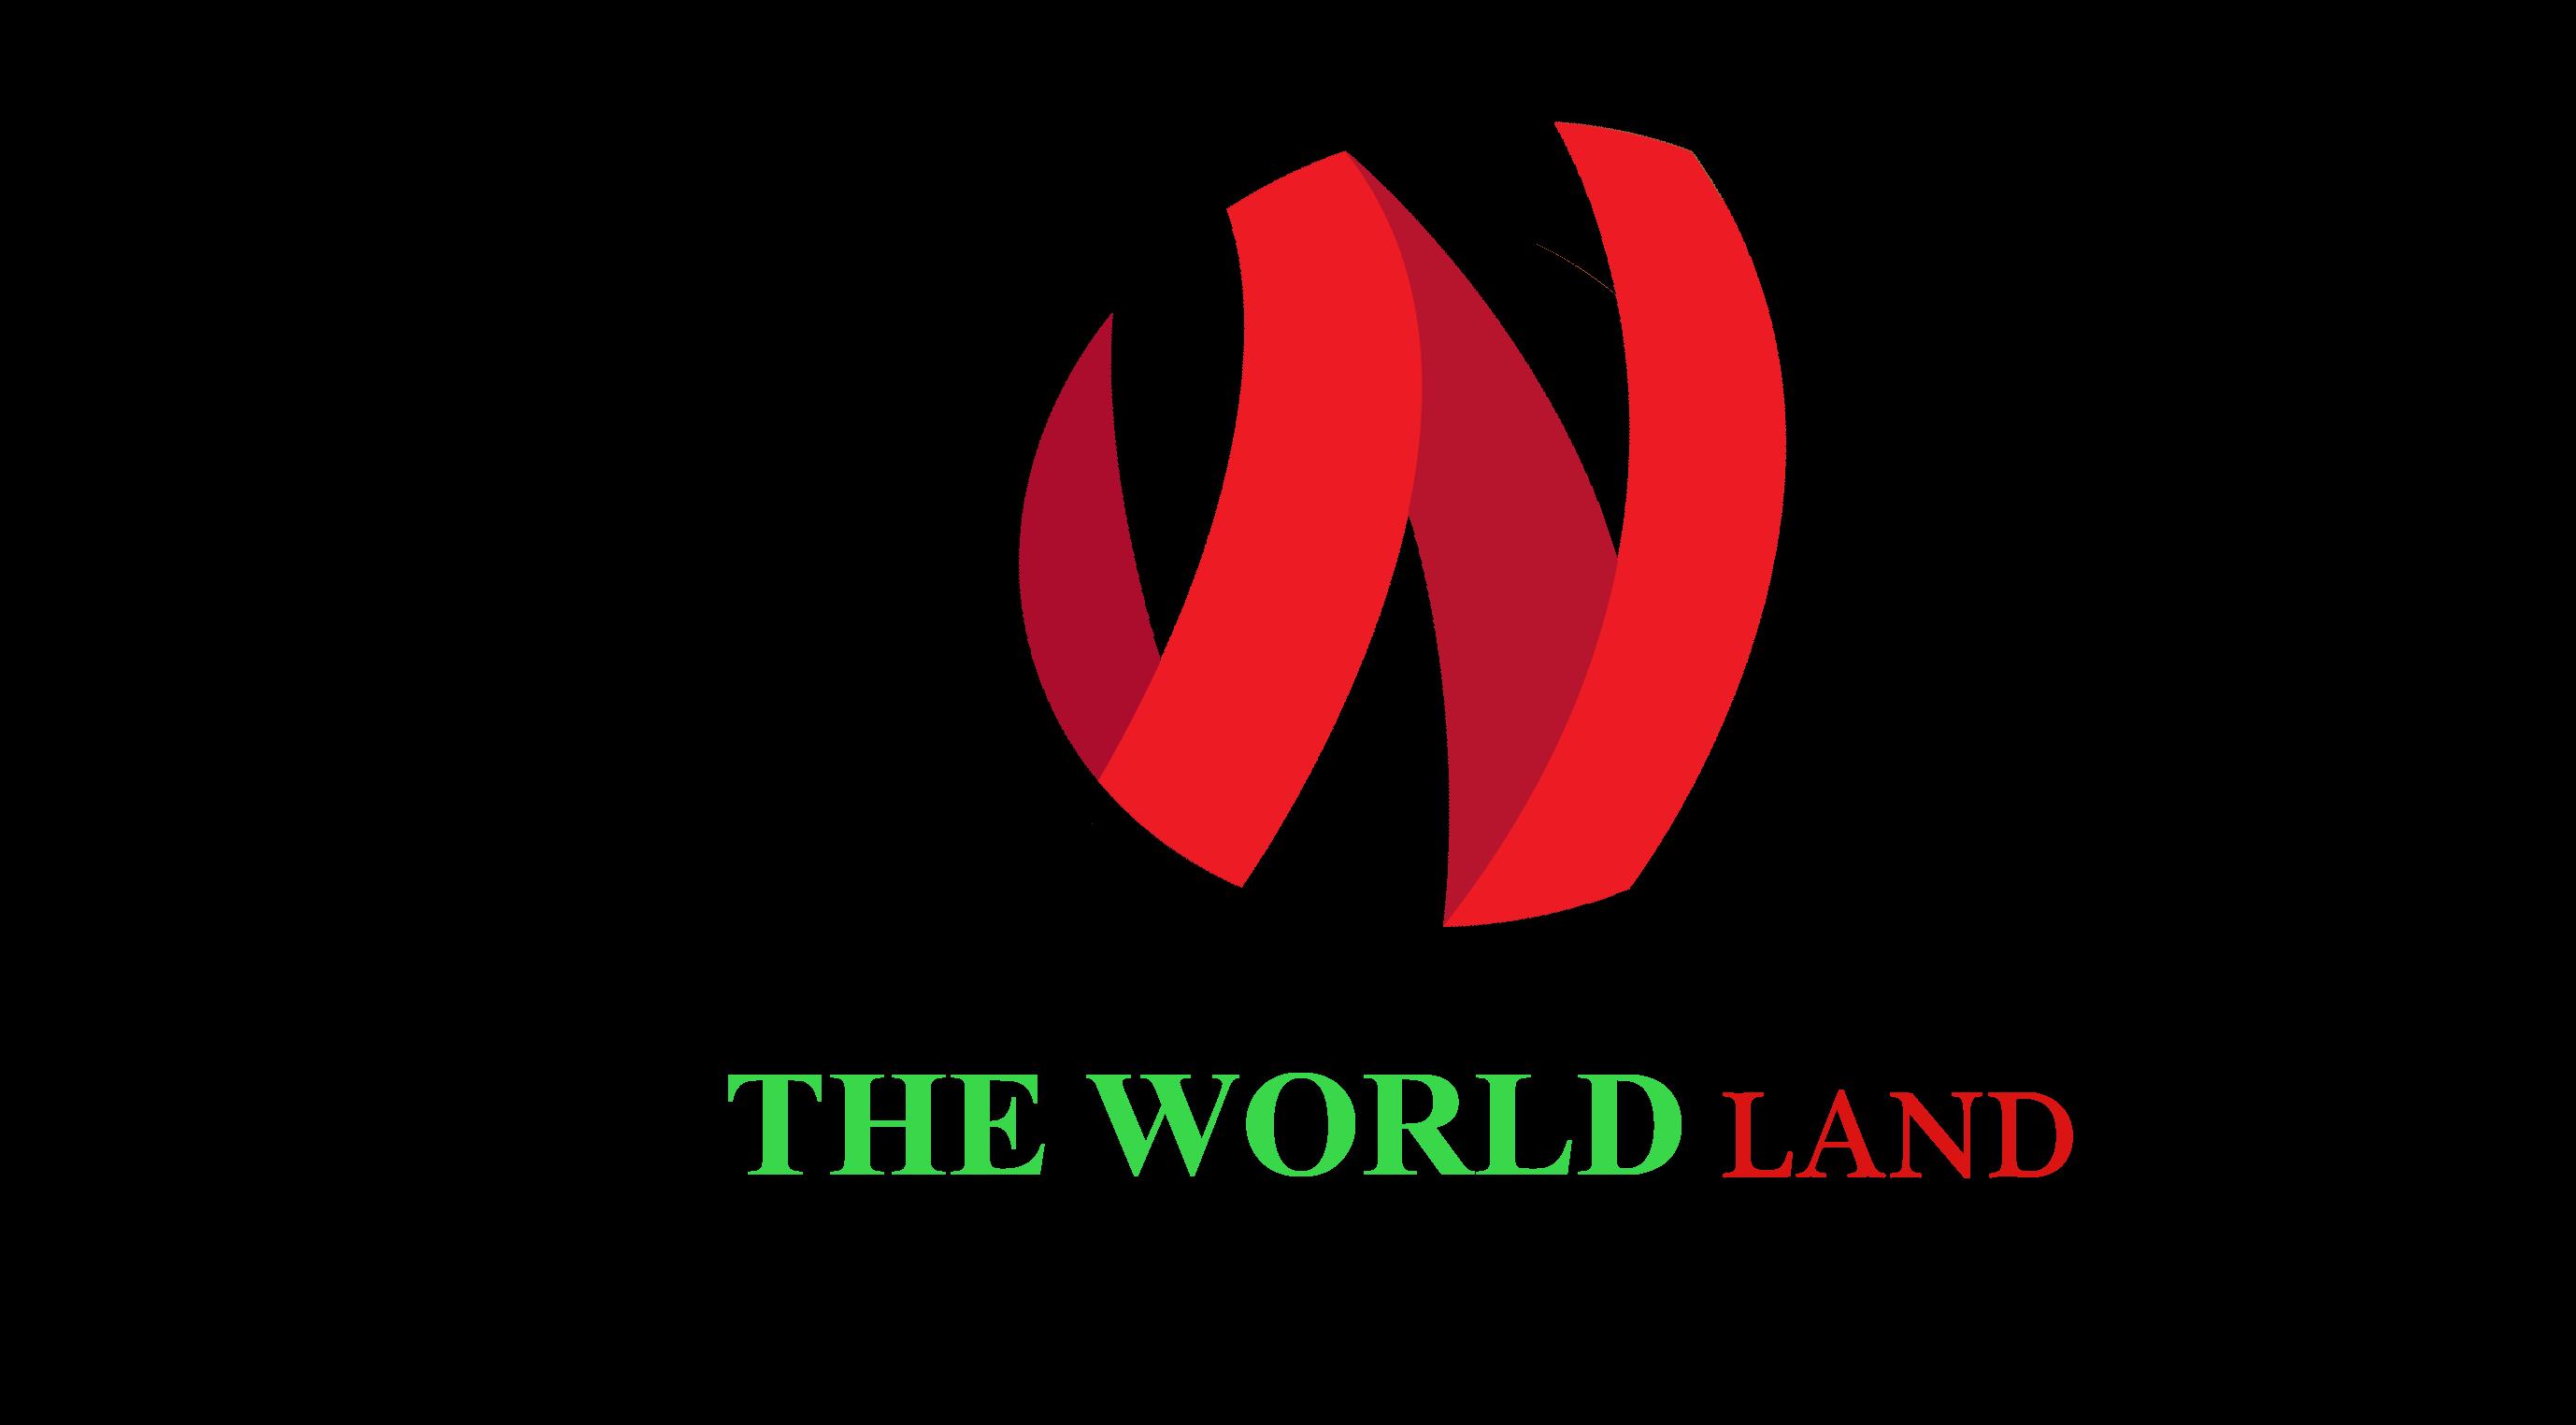 Theworldland